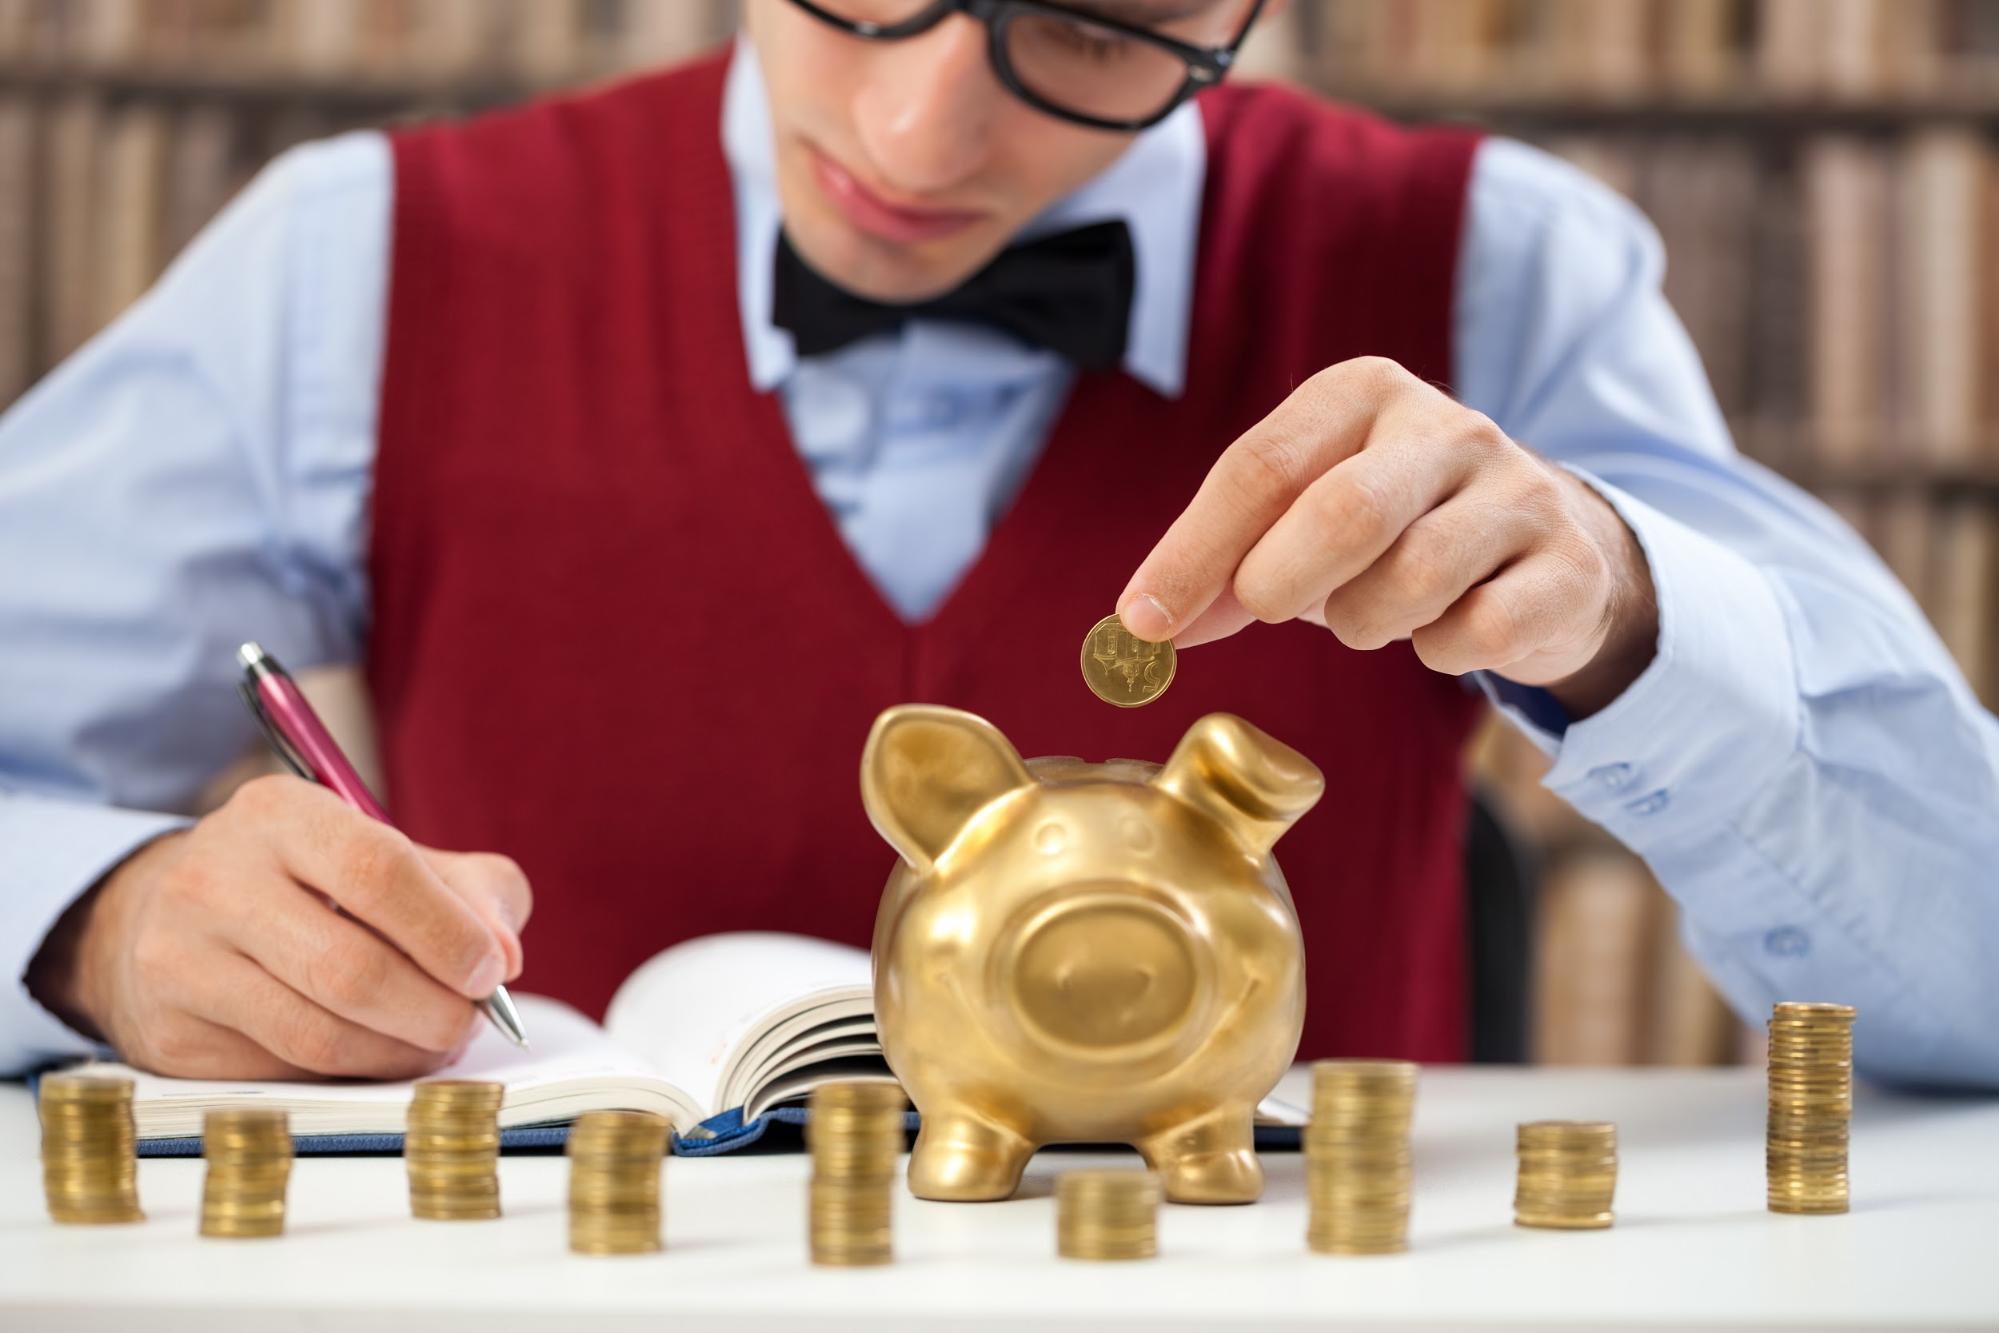 Бухгалтерские услуги по криптовалюте появятся уже в январе 2020 года